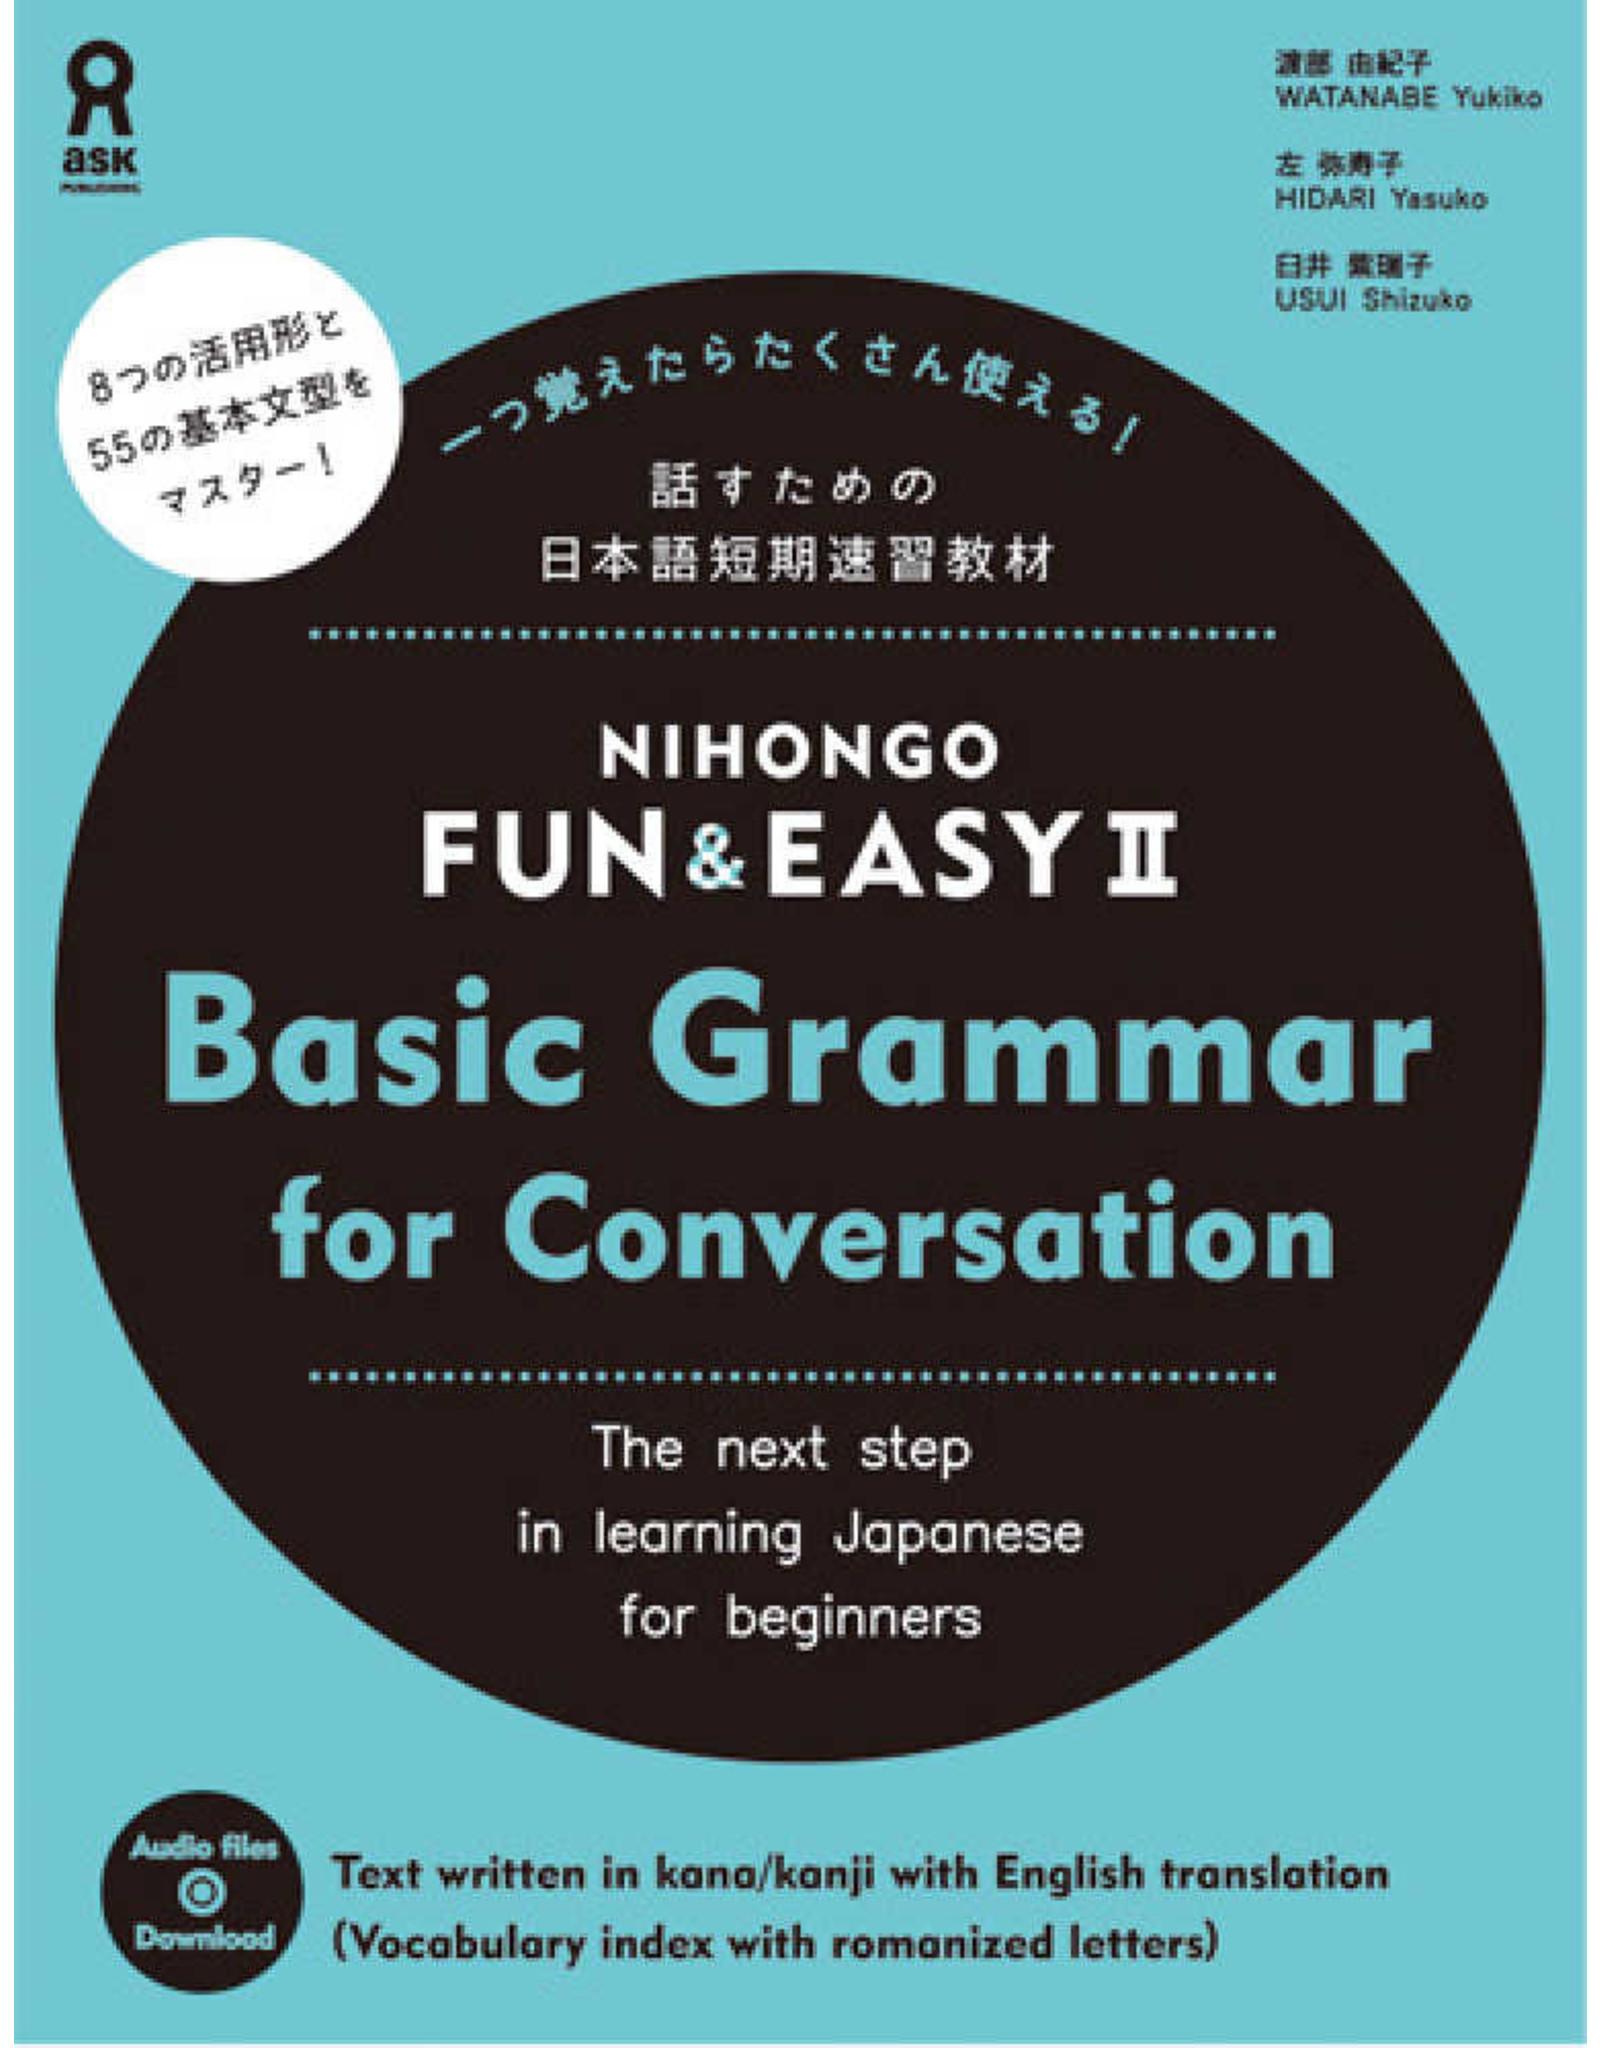 ASK NIHONGO FUN & EASY 2